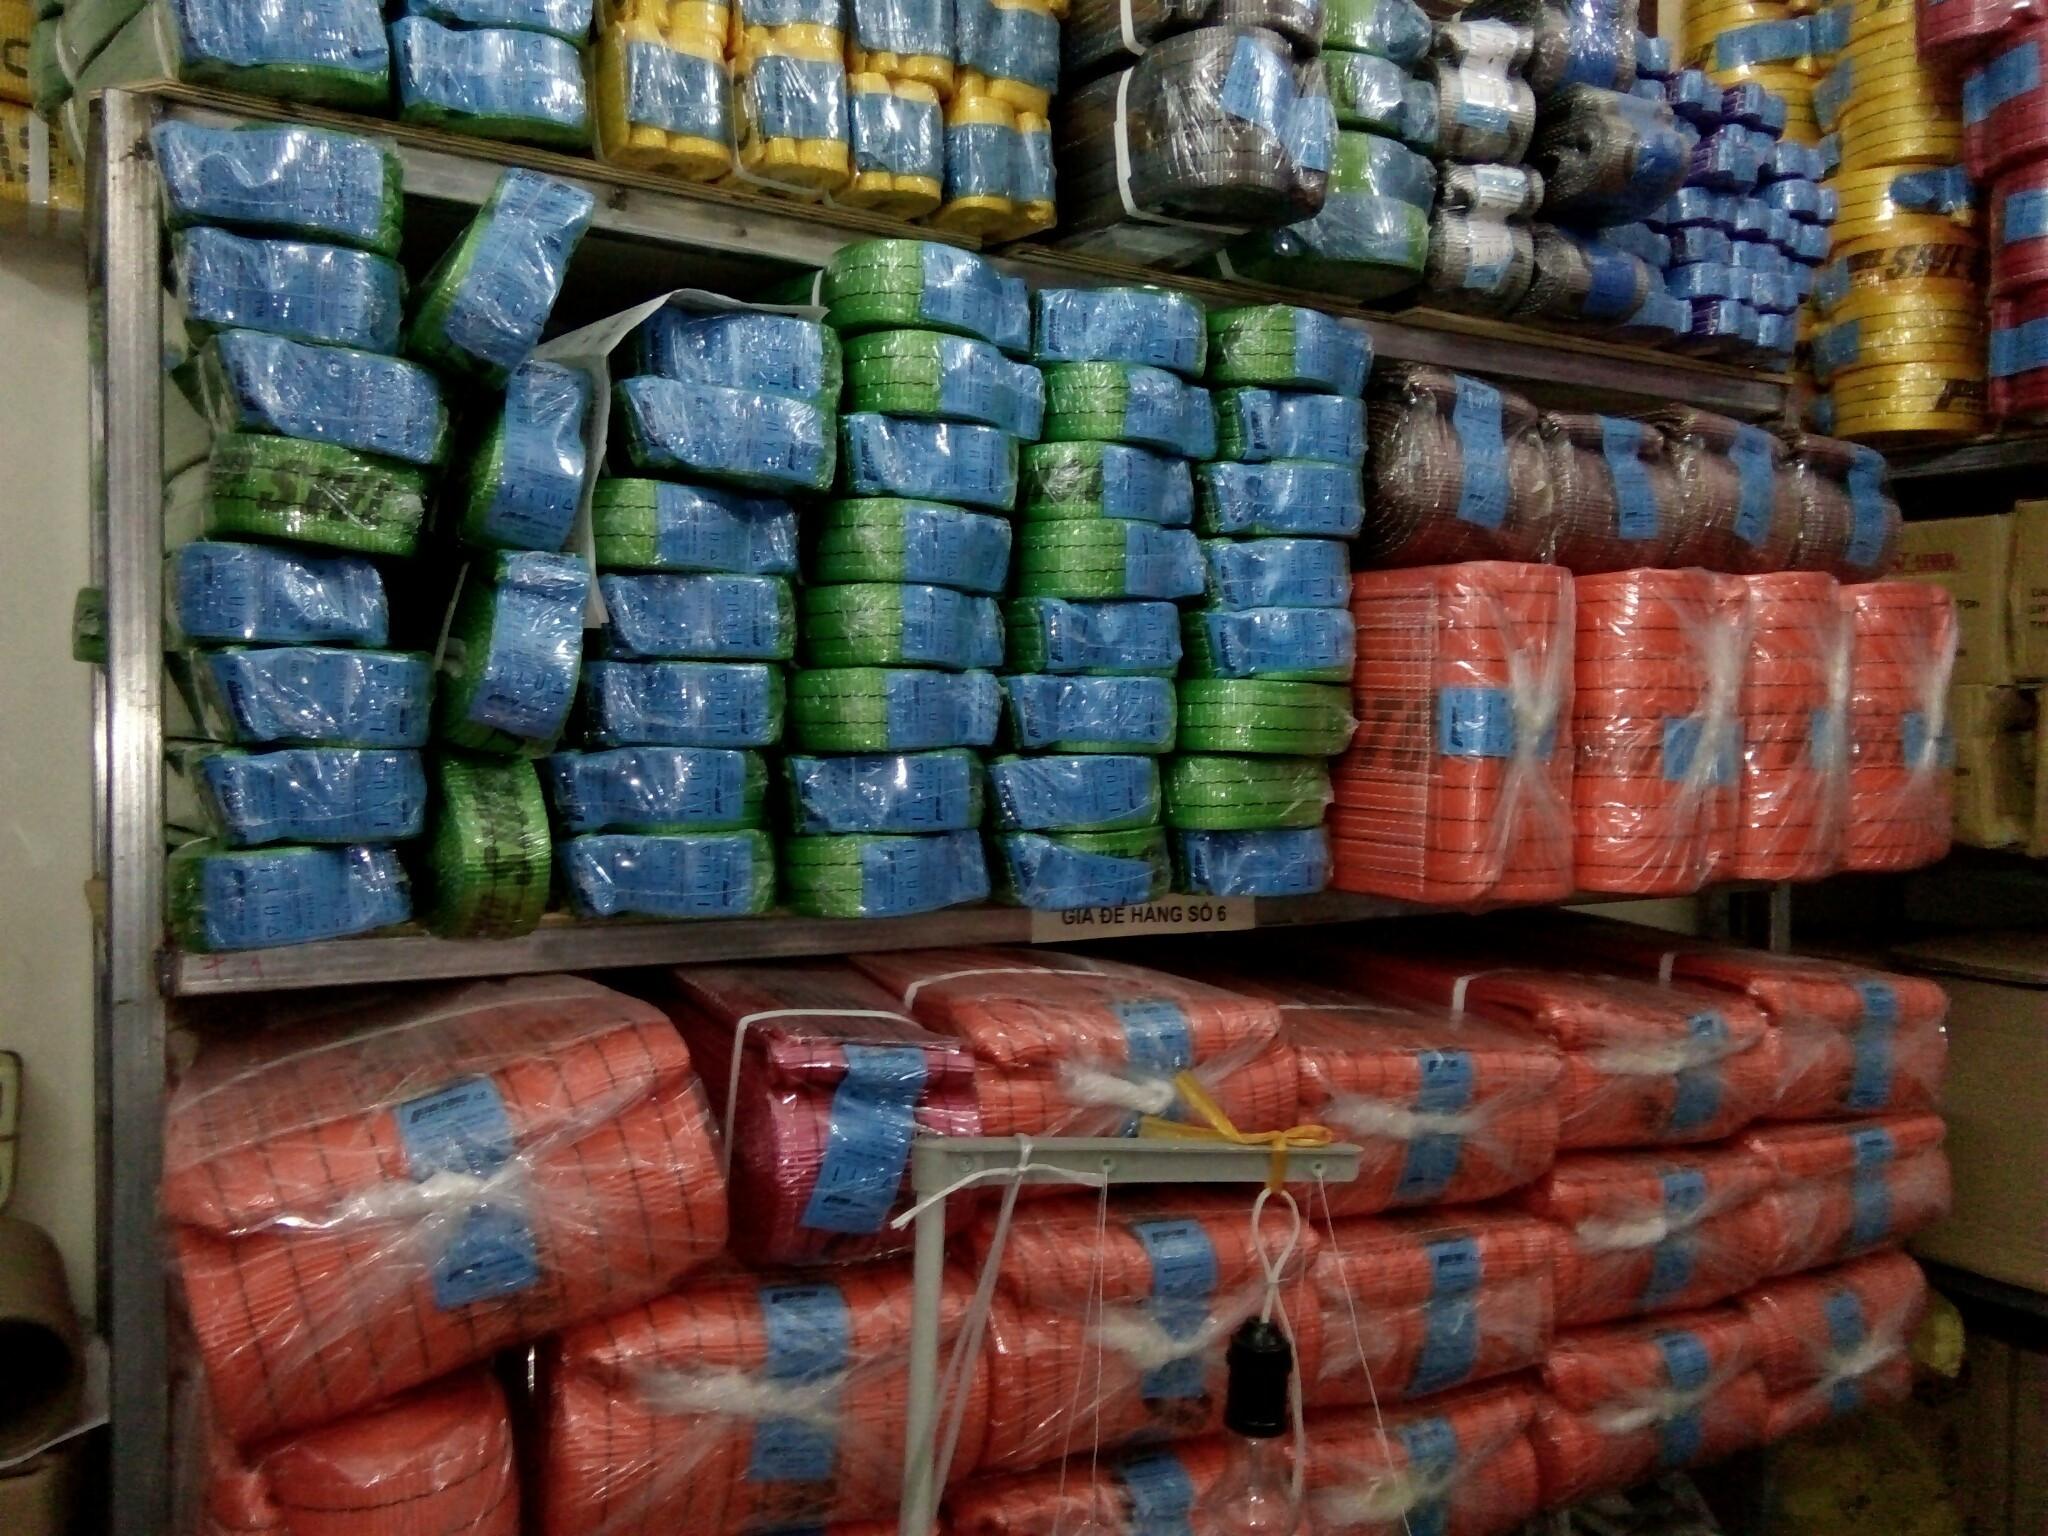 Dây cẩu hàng Hàn Quốc, Trung Quốc. Dây cẩu hàng tiêu chuẩn 6:1- 7:1, Dây cẩu hàng 2 tấn, 3 tấn, 5 tấn, 8 tấn.